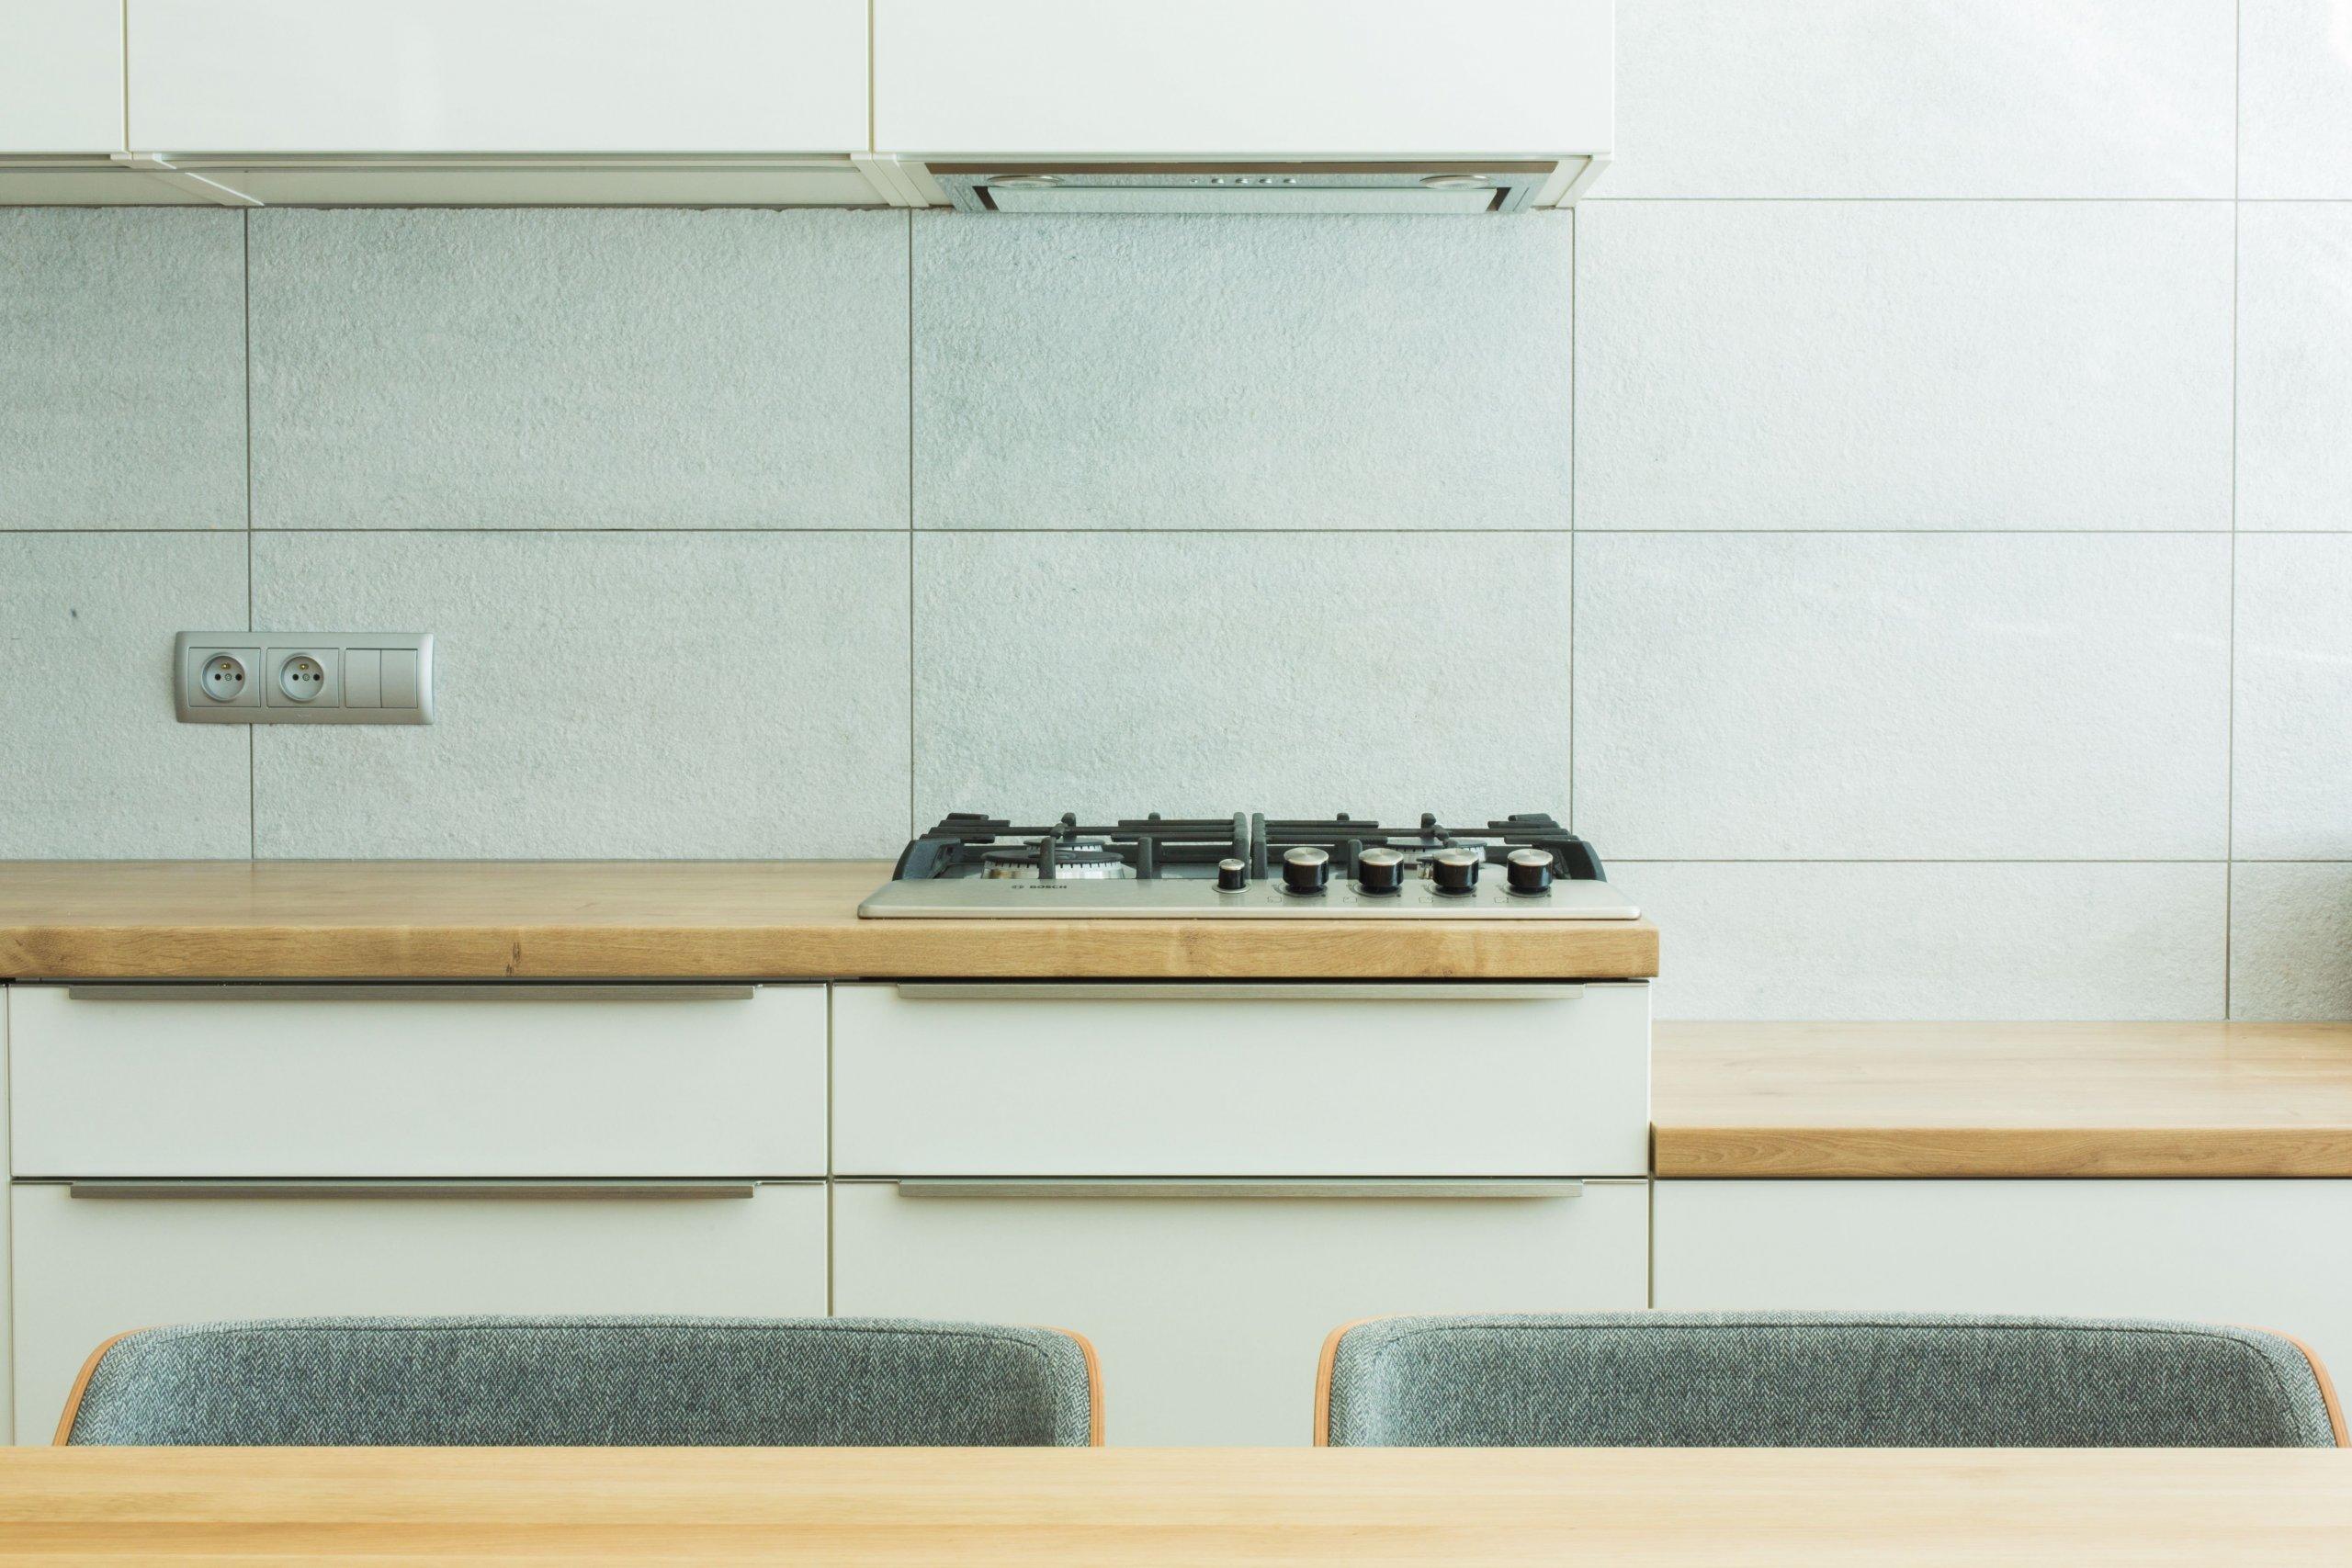 Panelákovému bytu hodně prospělo zbourání příčky mezi kuchyní a obývákem. Prostor se tak pěkně otevřel a já klientce pomohla navrhnout jak praktickou kuchyň,…